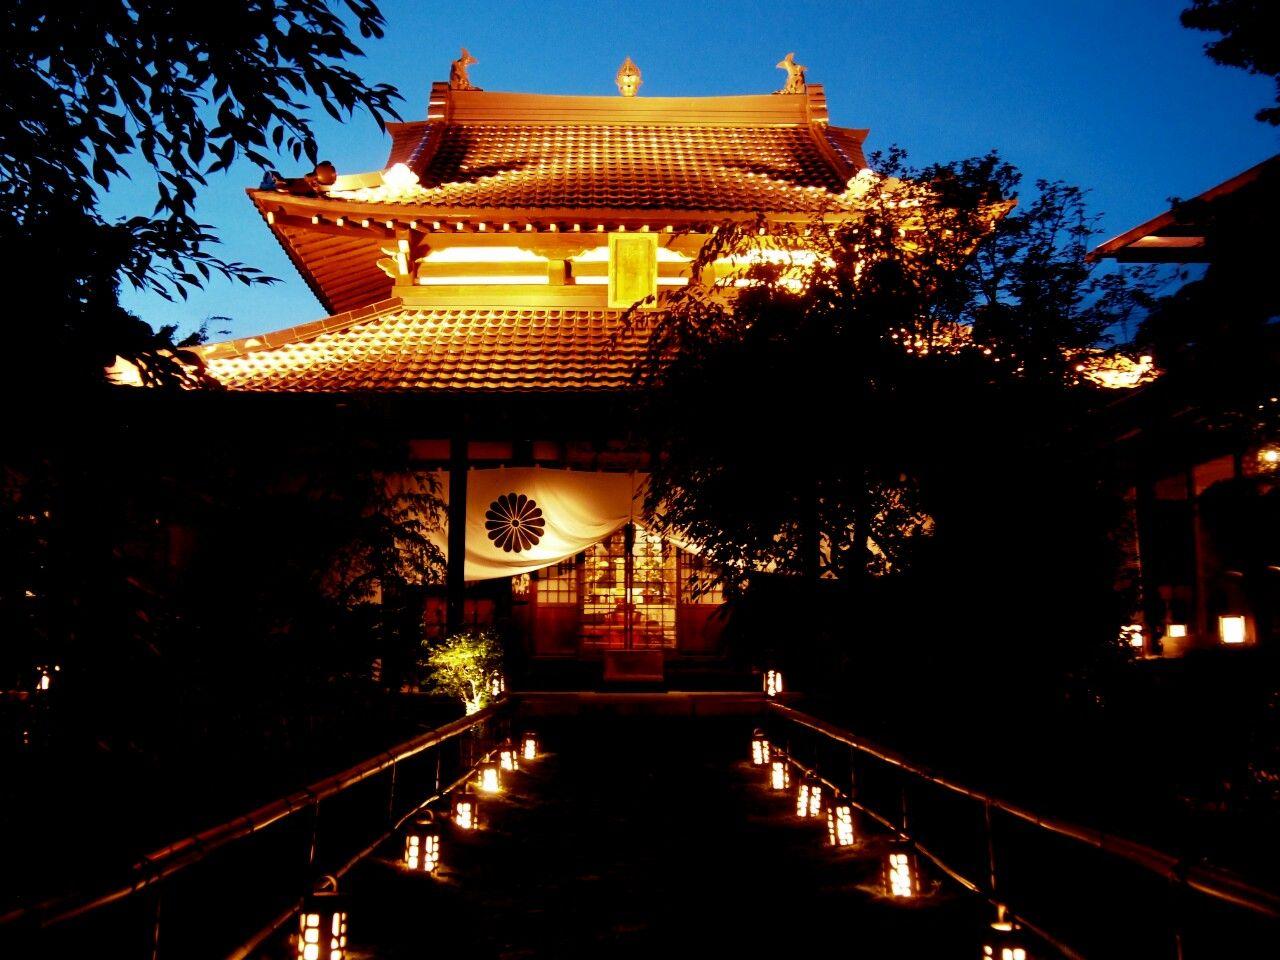 年間通して毎日ライトアップ!料理も楽しめる京都・閑臥庵の美しい庭園